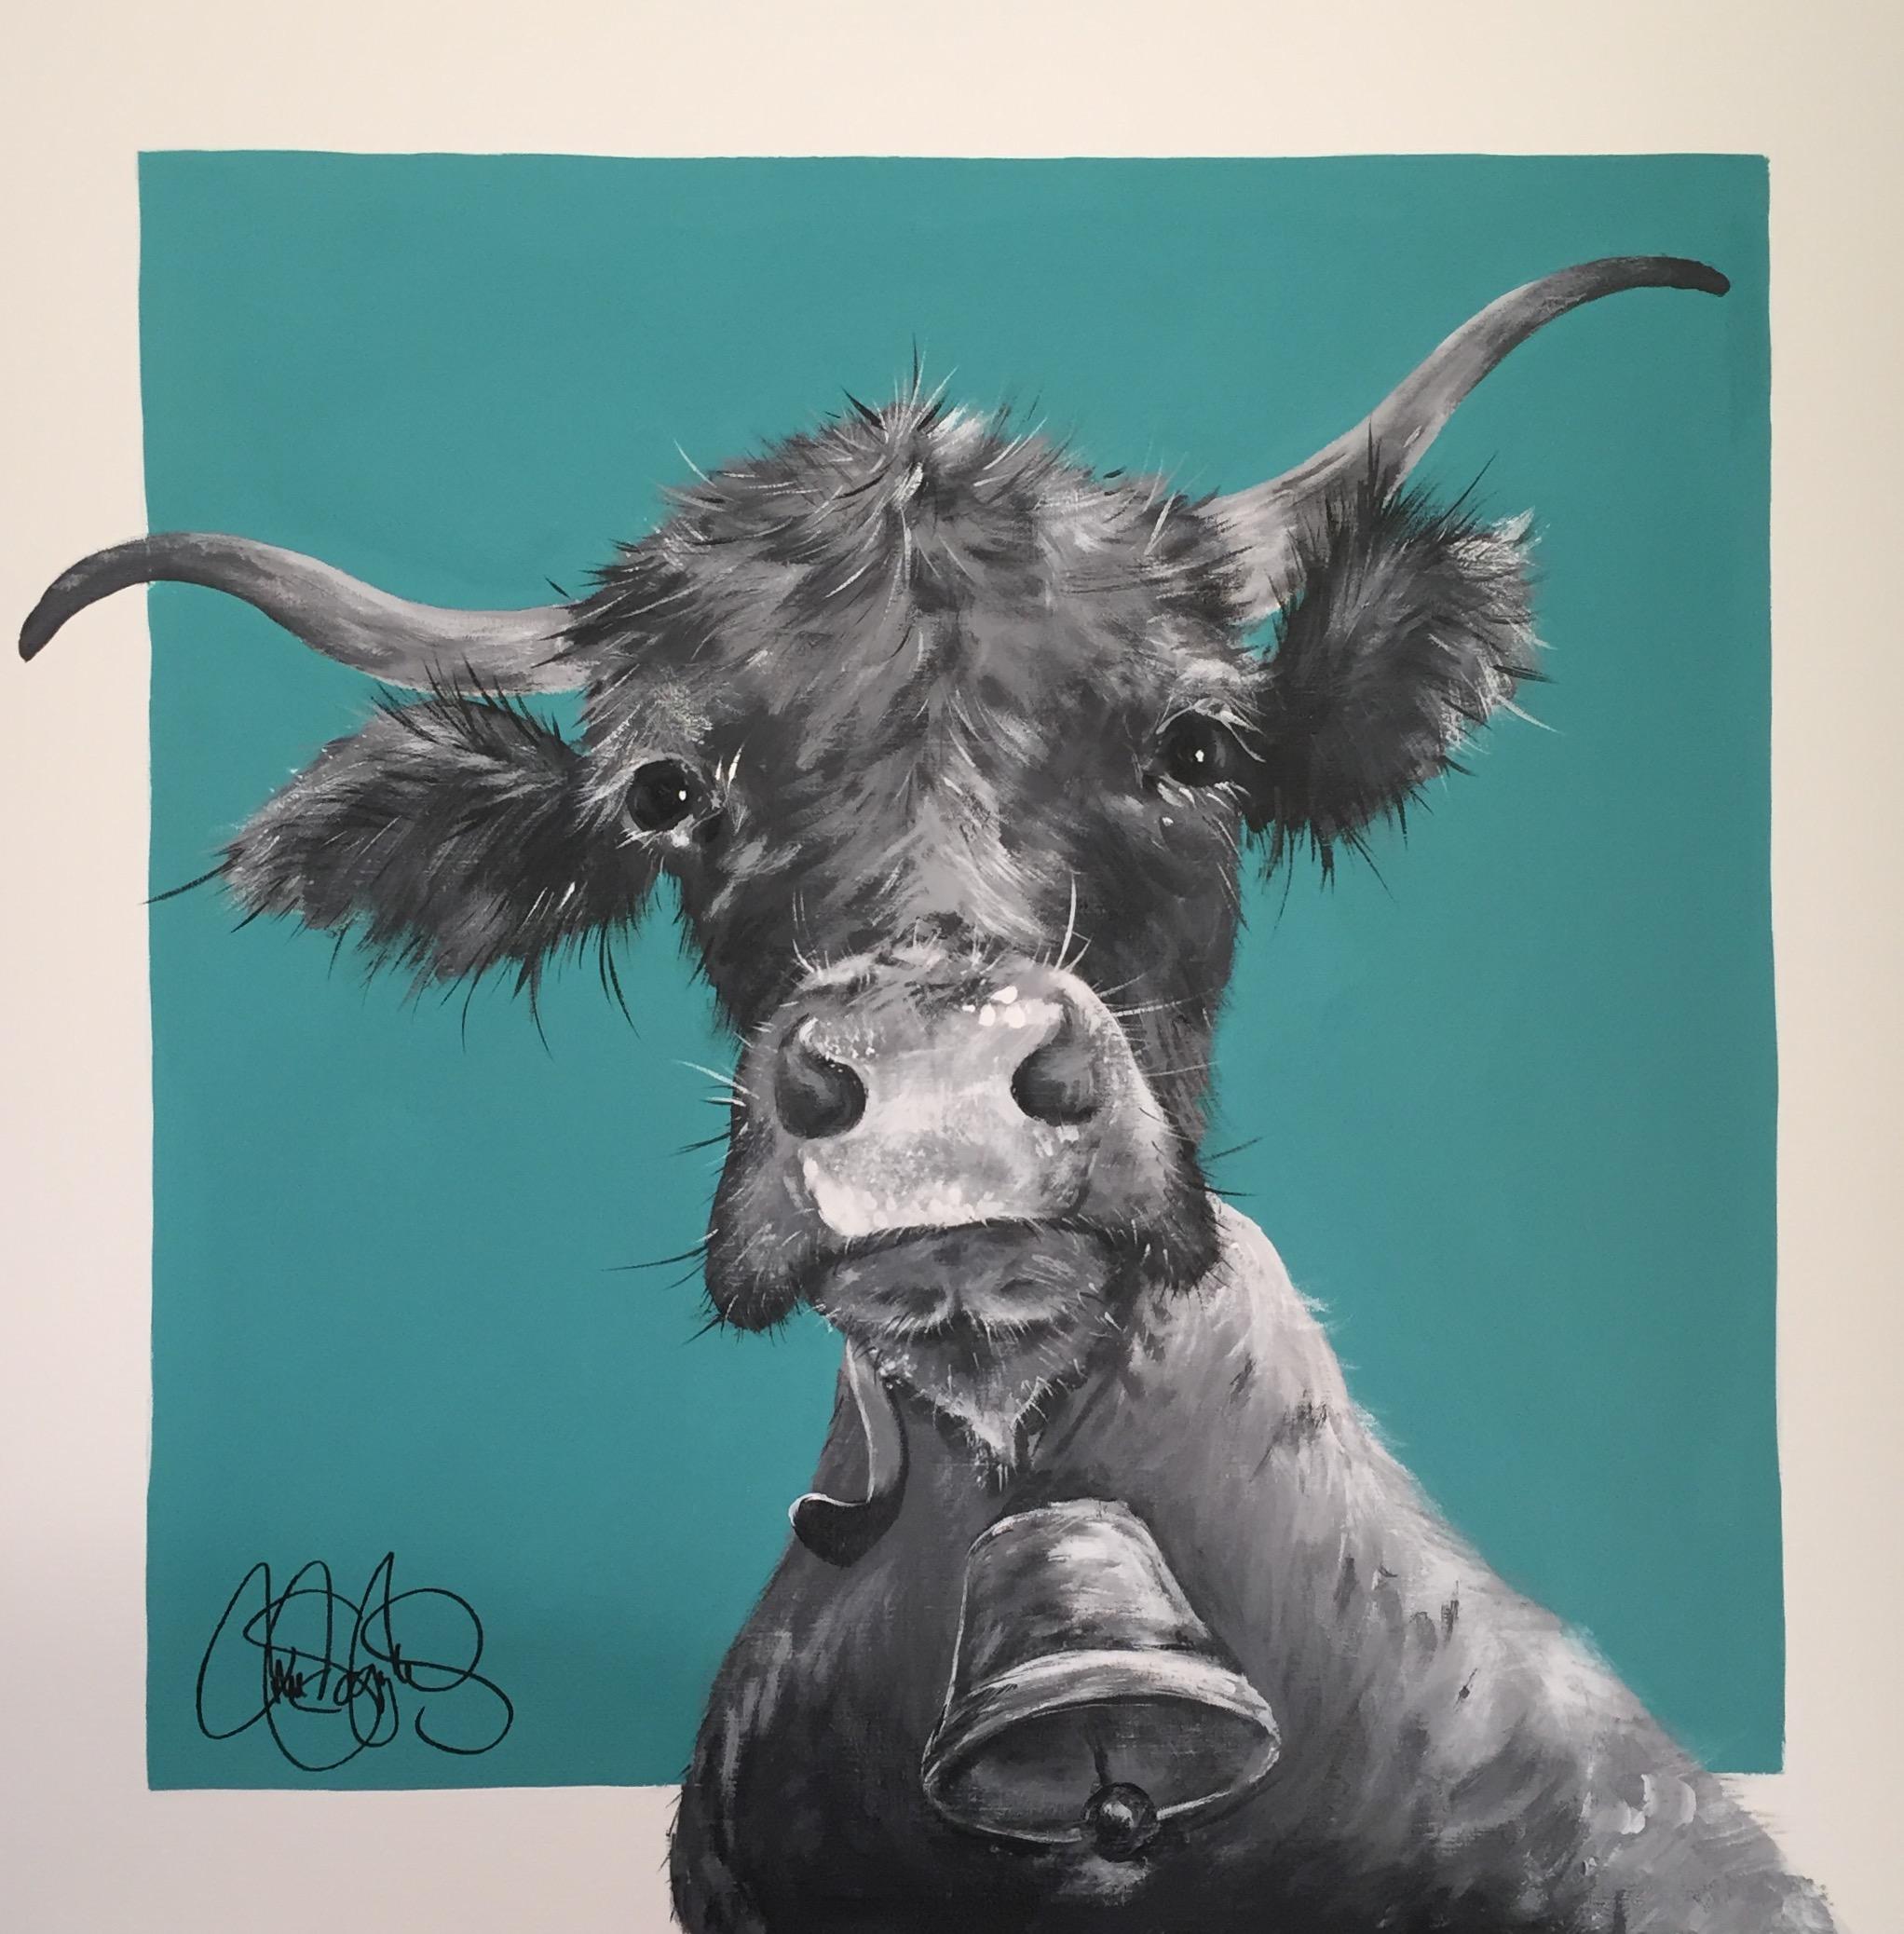 Originalmålning i akryl på uppspänd canvasduk. 70x70cm. Till salu för 4900sek.